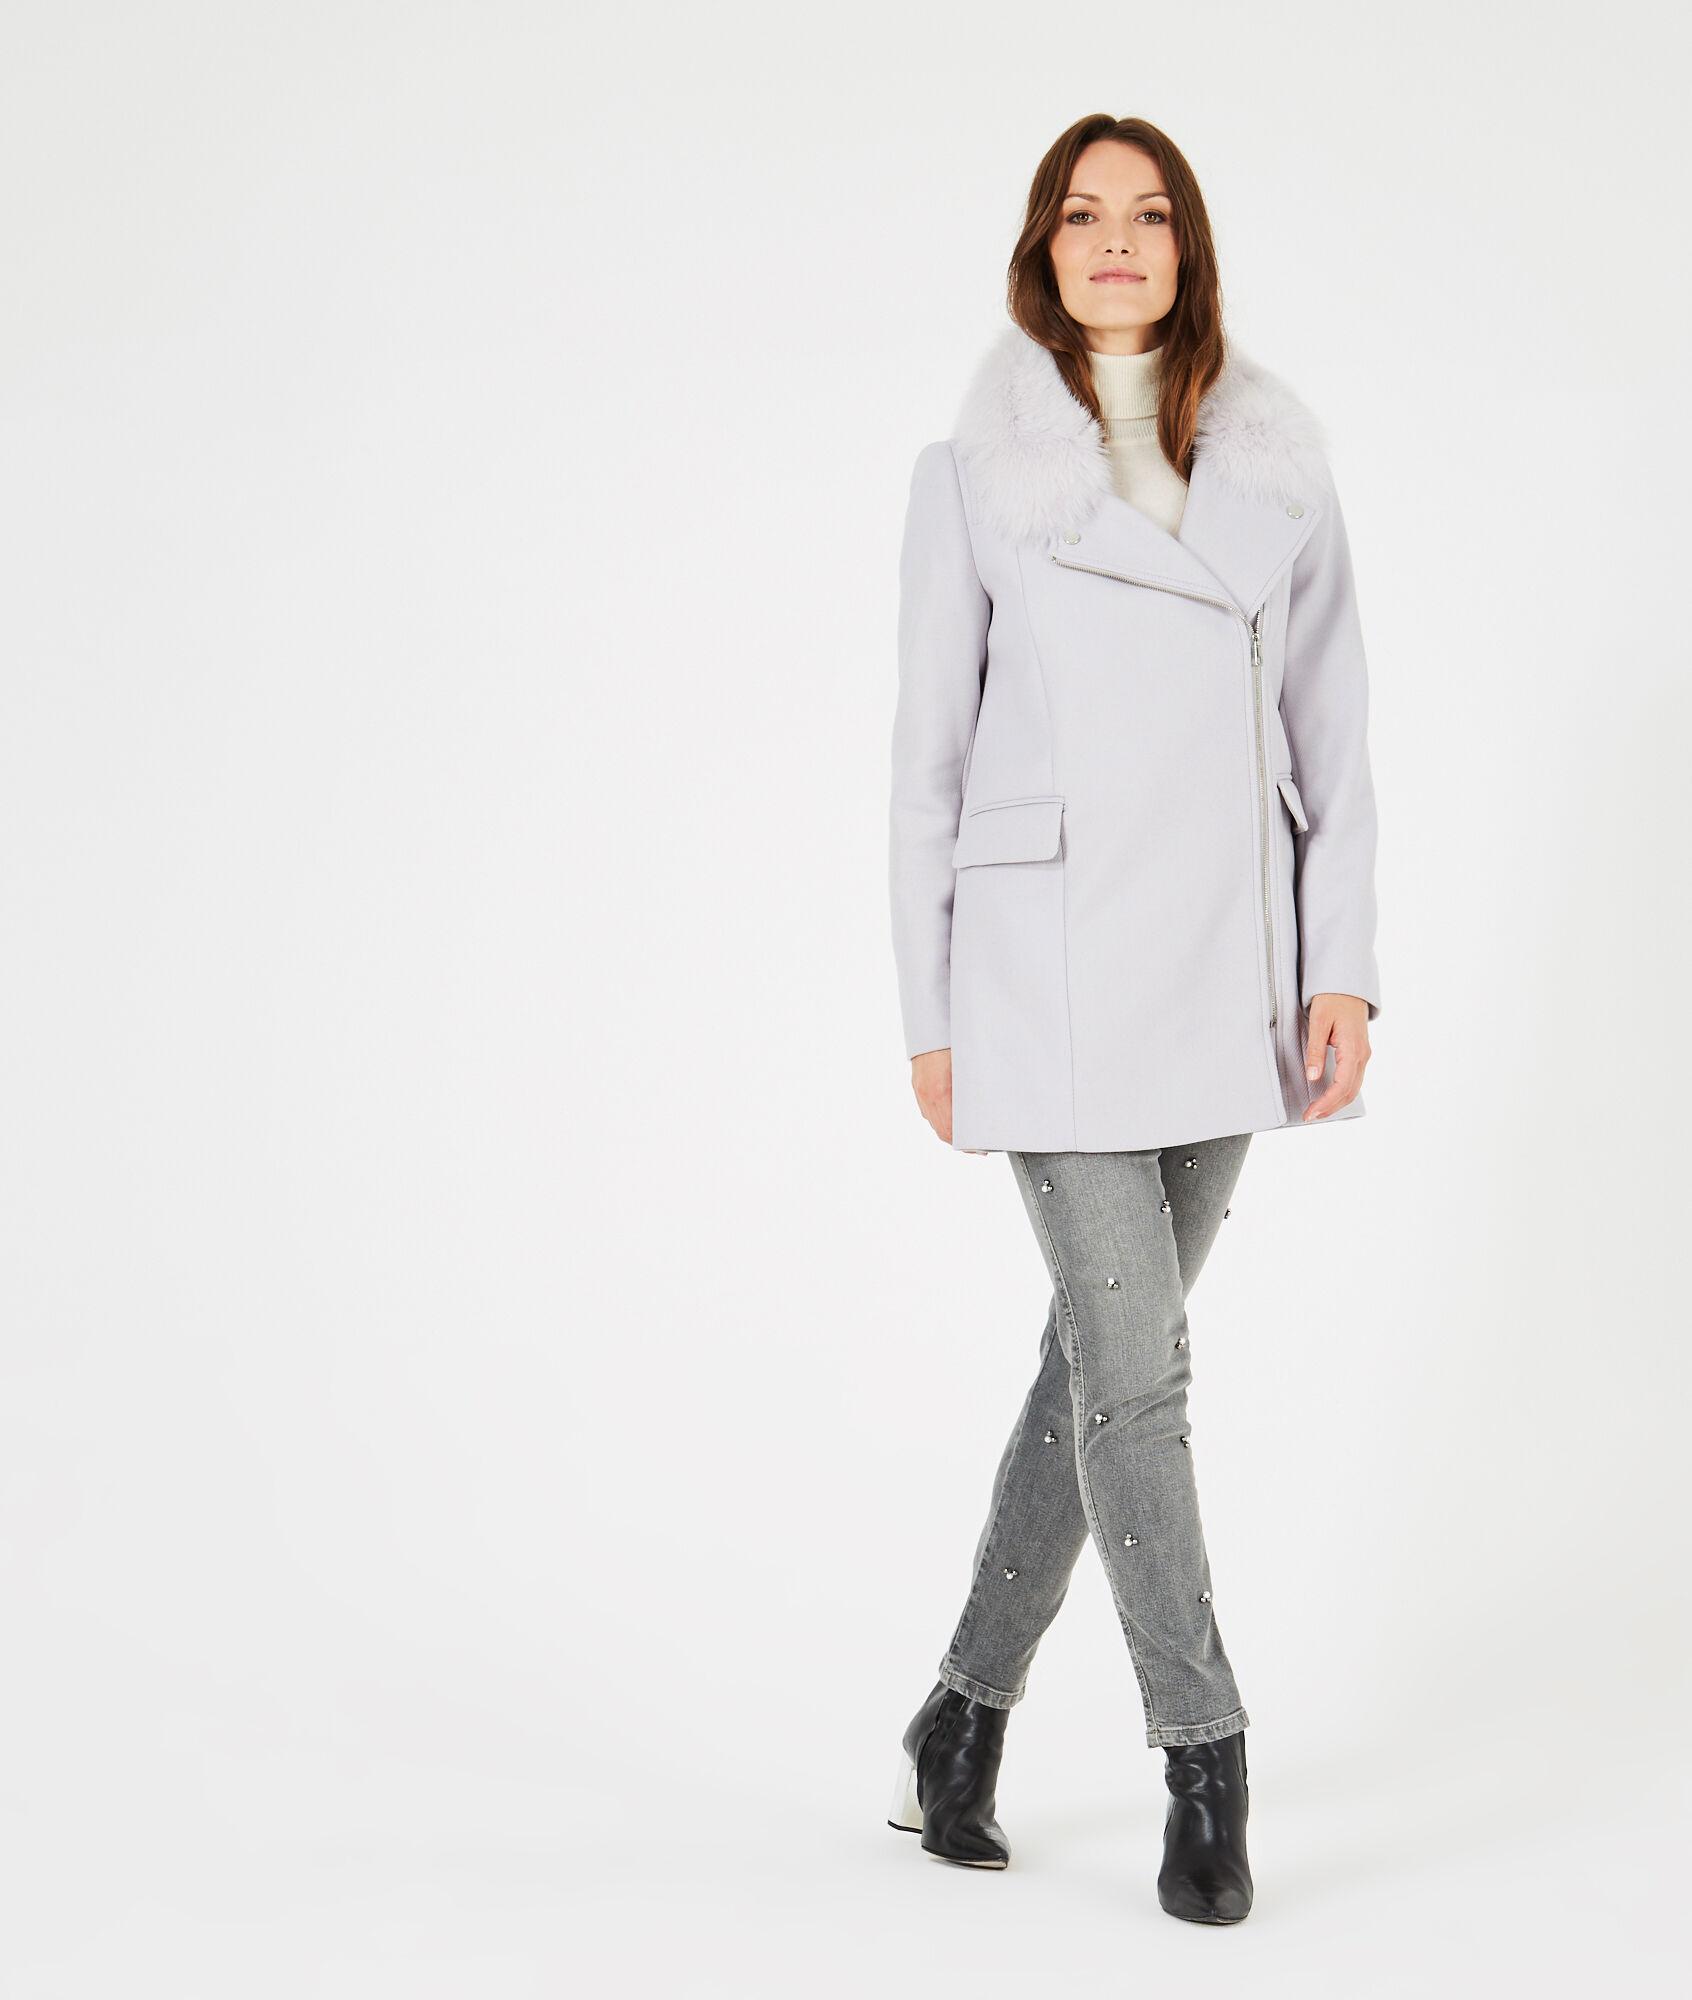 Manteau laine gris perle